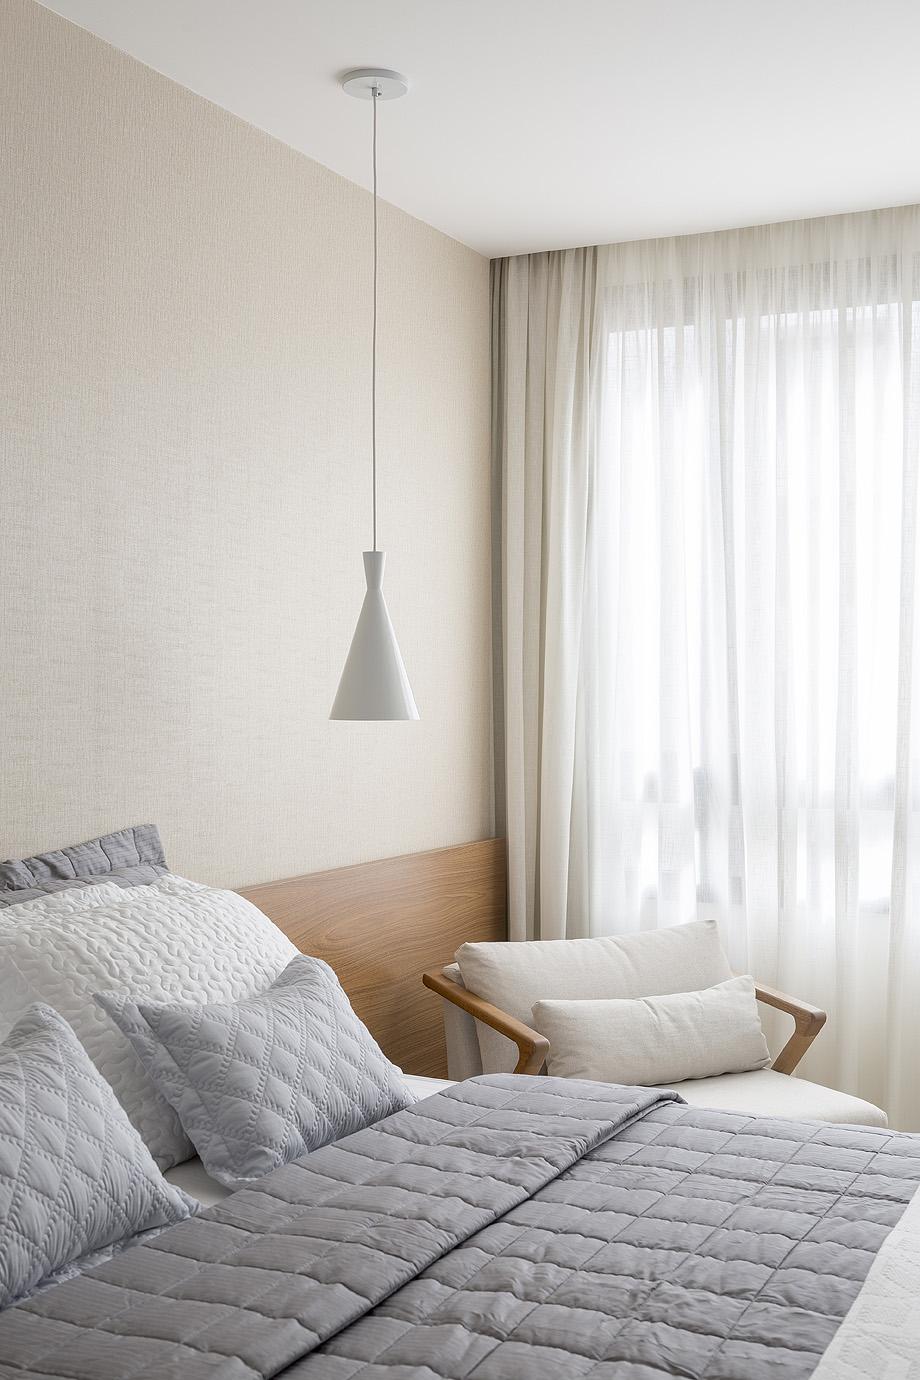 apartamento nw108 de coda arquitetos - foto joana frança (10)